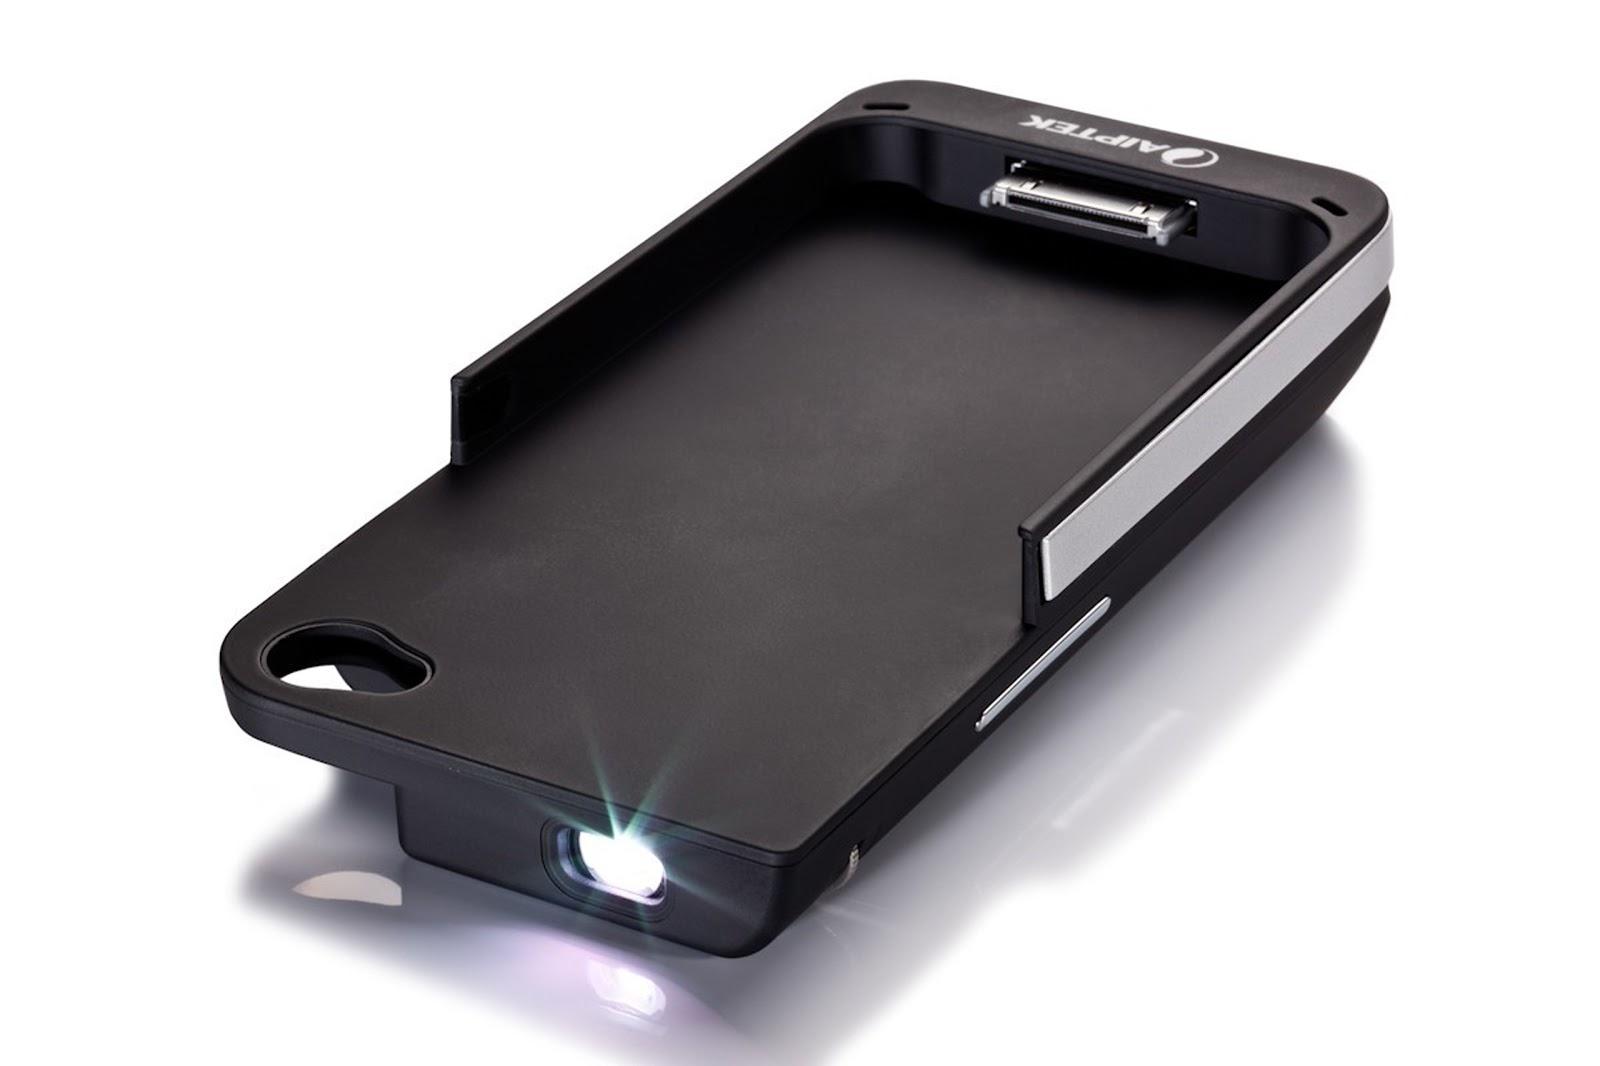 Pico Projecteur Iphone